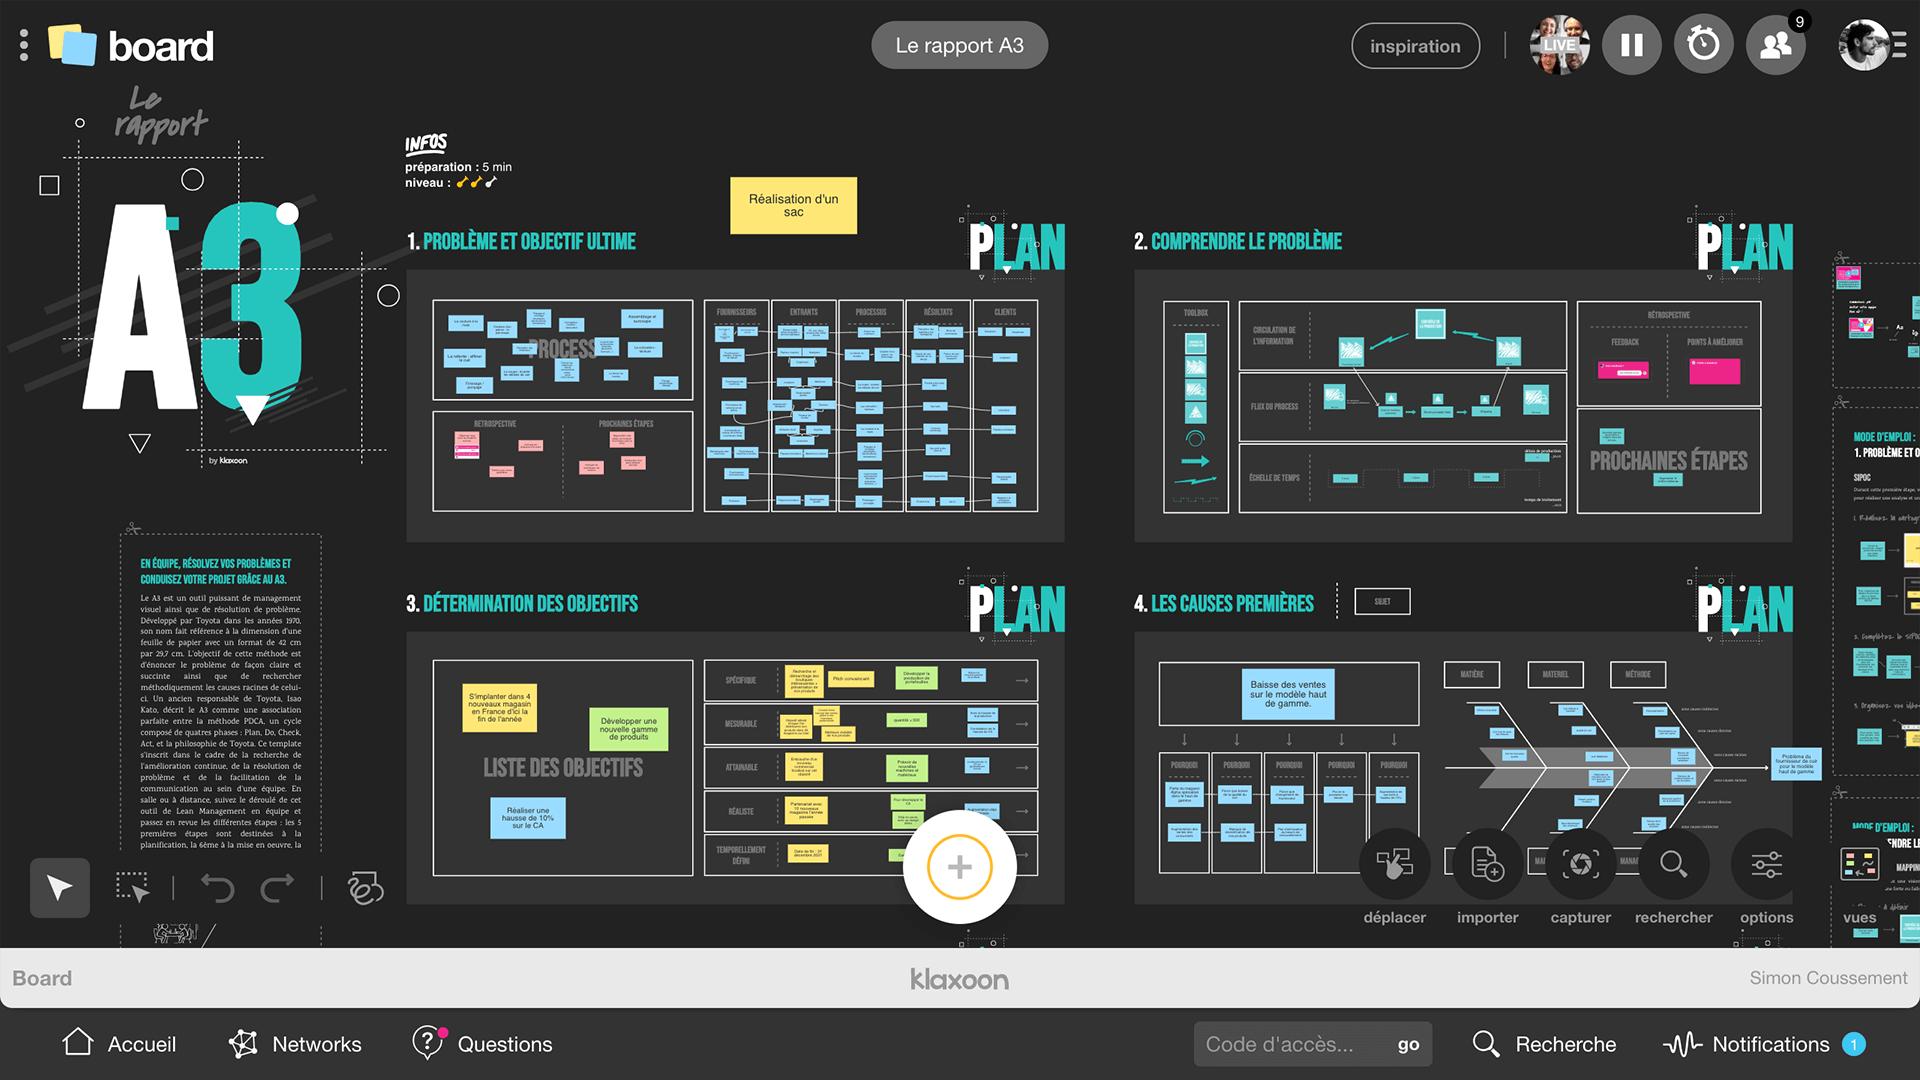 gestion de projet en Lean management : testez le template gratuit Rapport A3 | Klaxoon